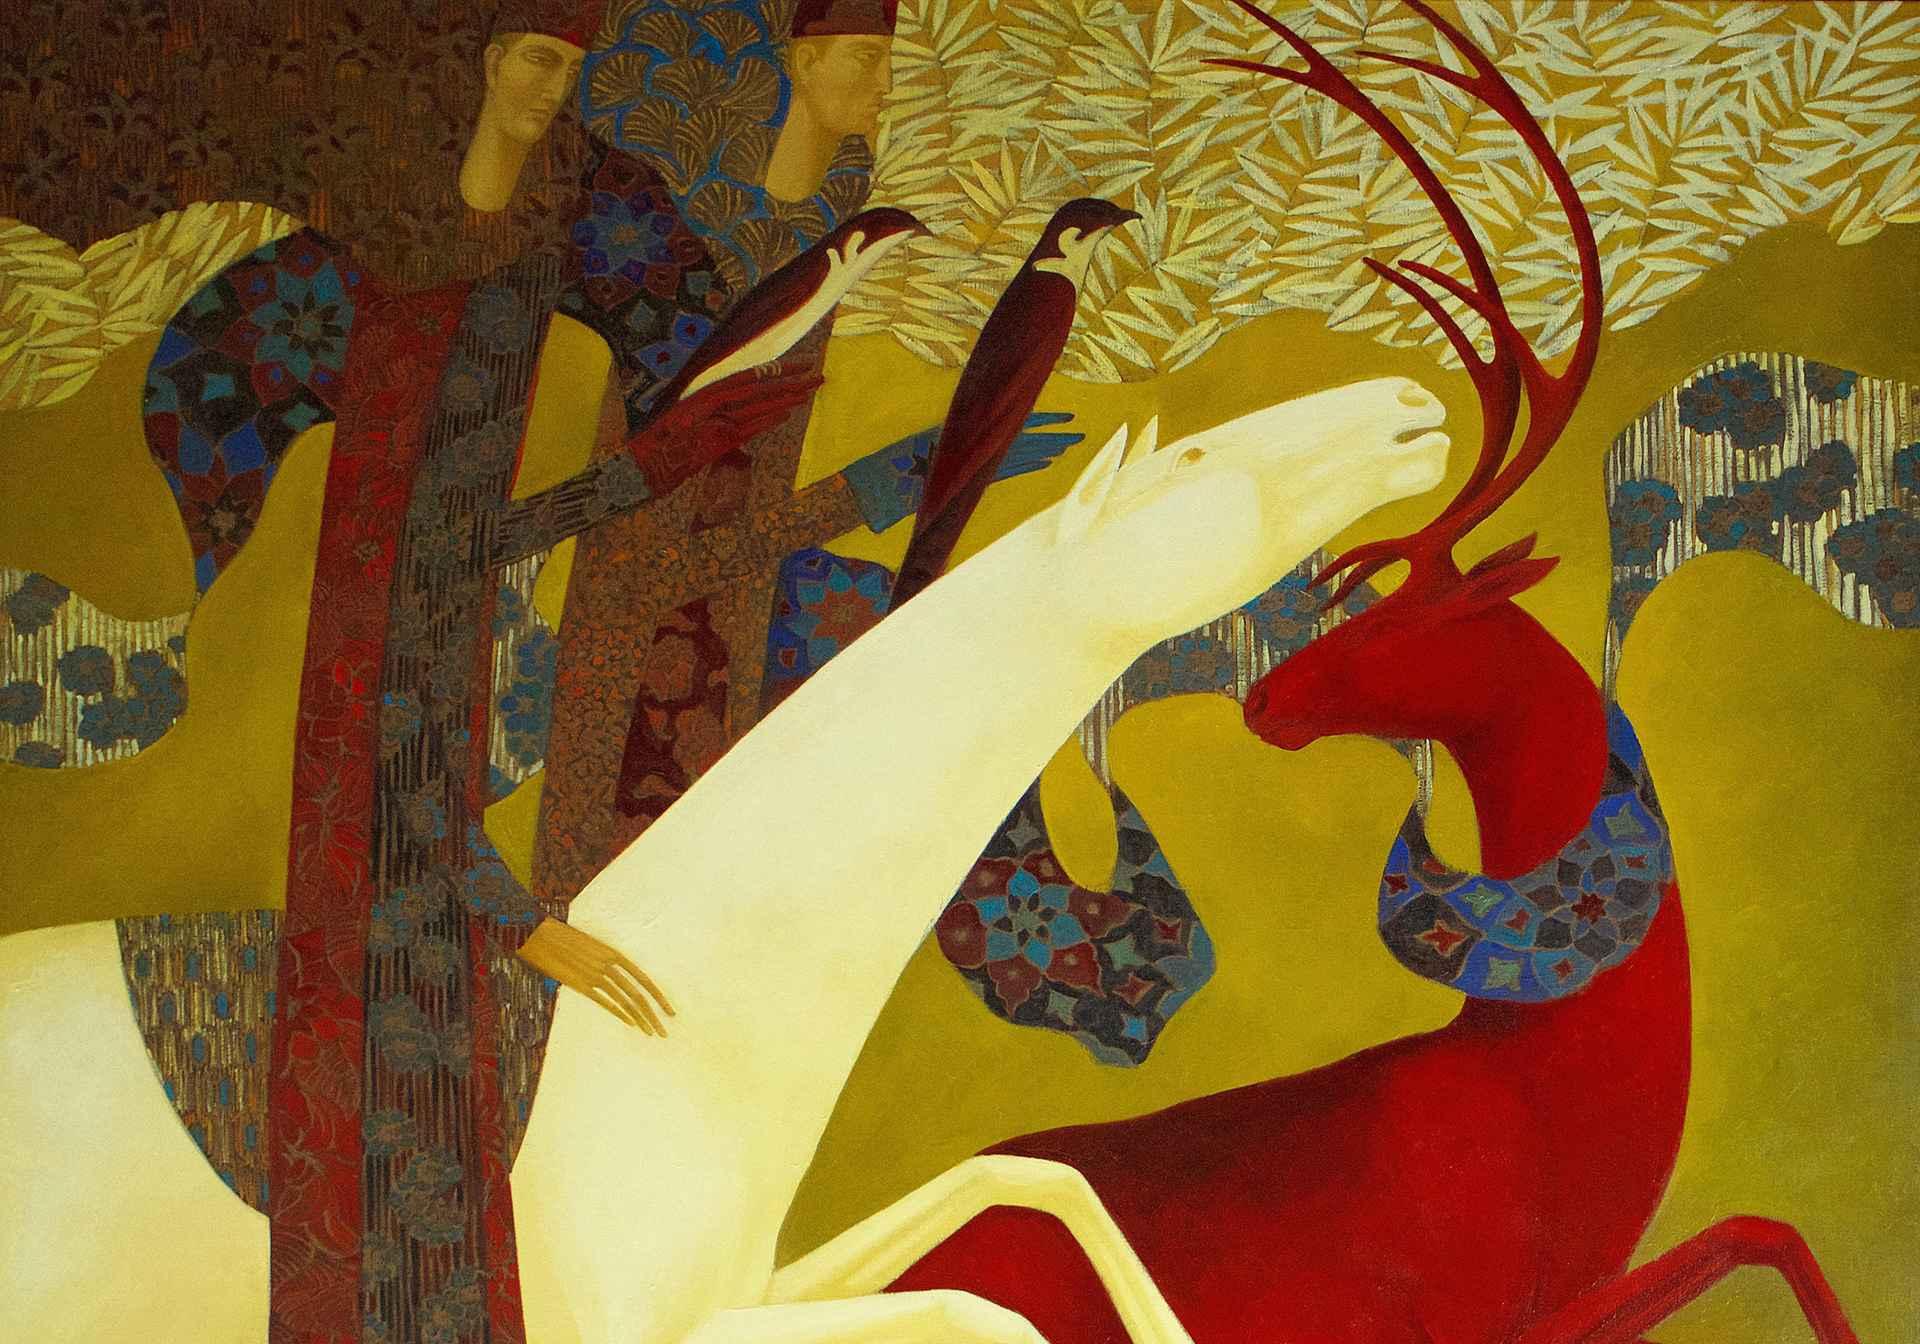 Banner 1 by Timur D'Vatz